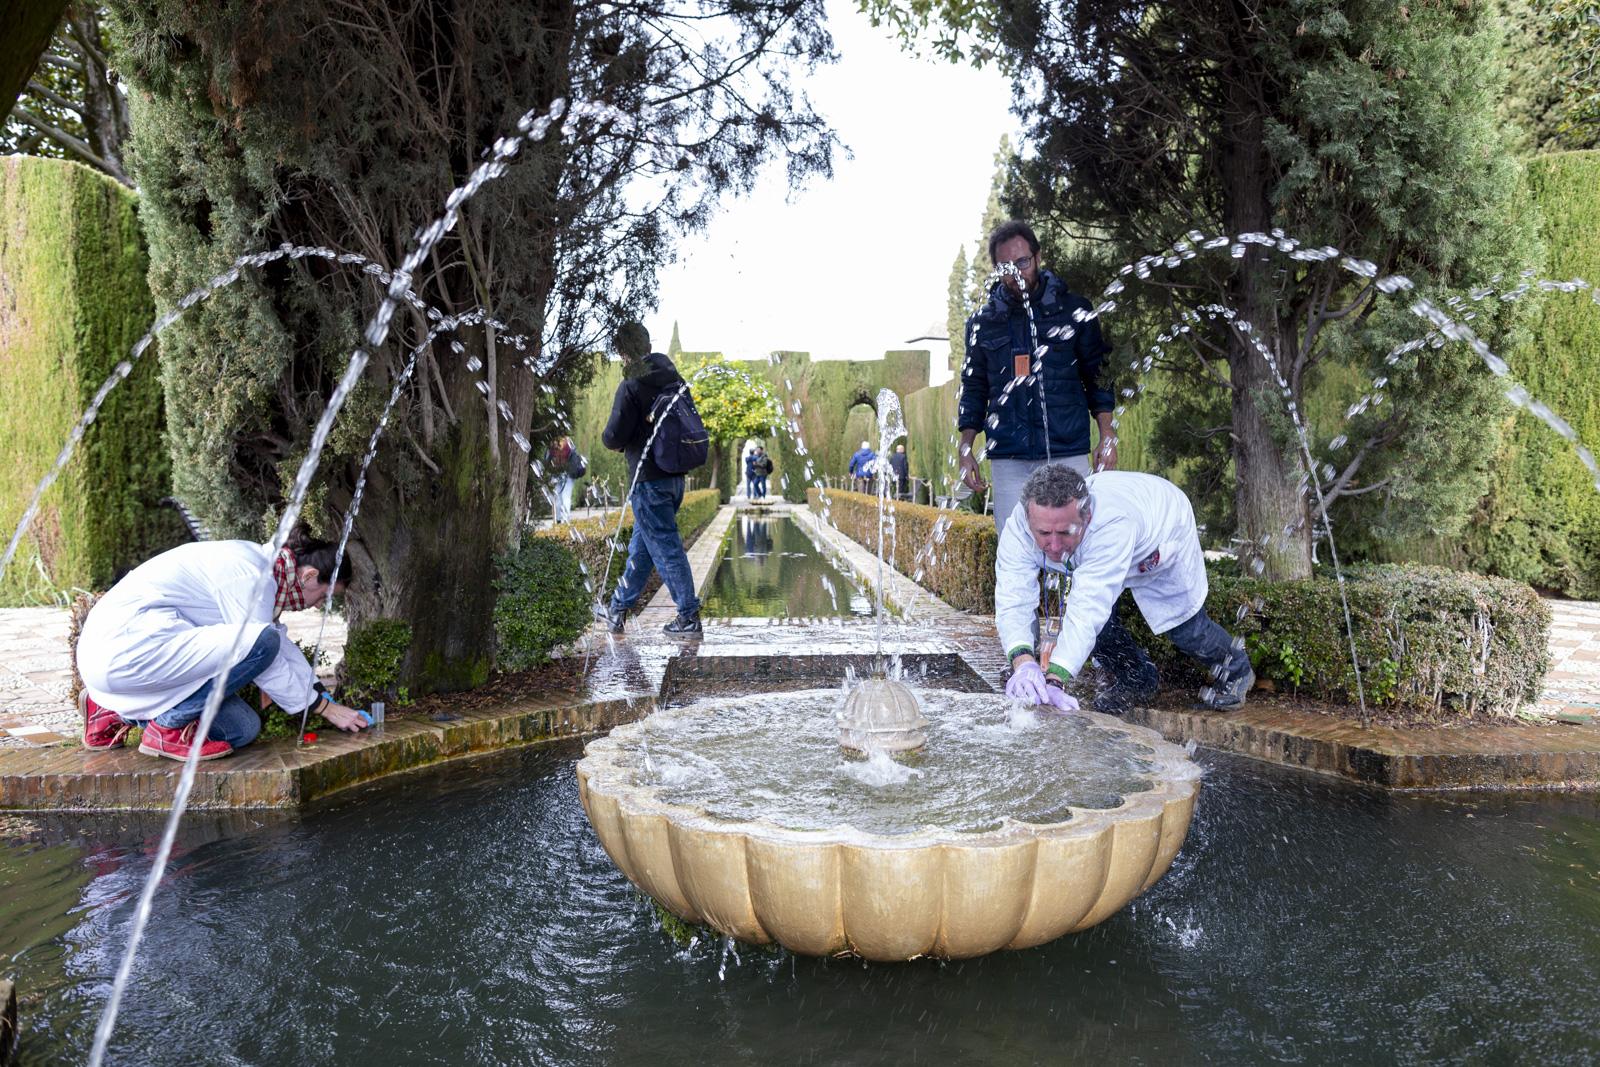 Científicos identifican la variedad de microalgas que habitan las fuentes monumentales de la Alhambra y el Generalife